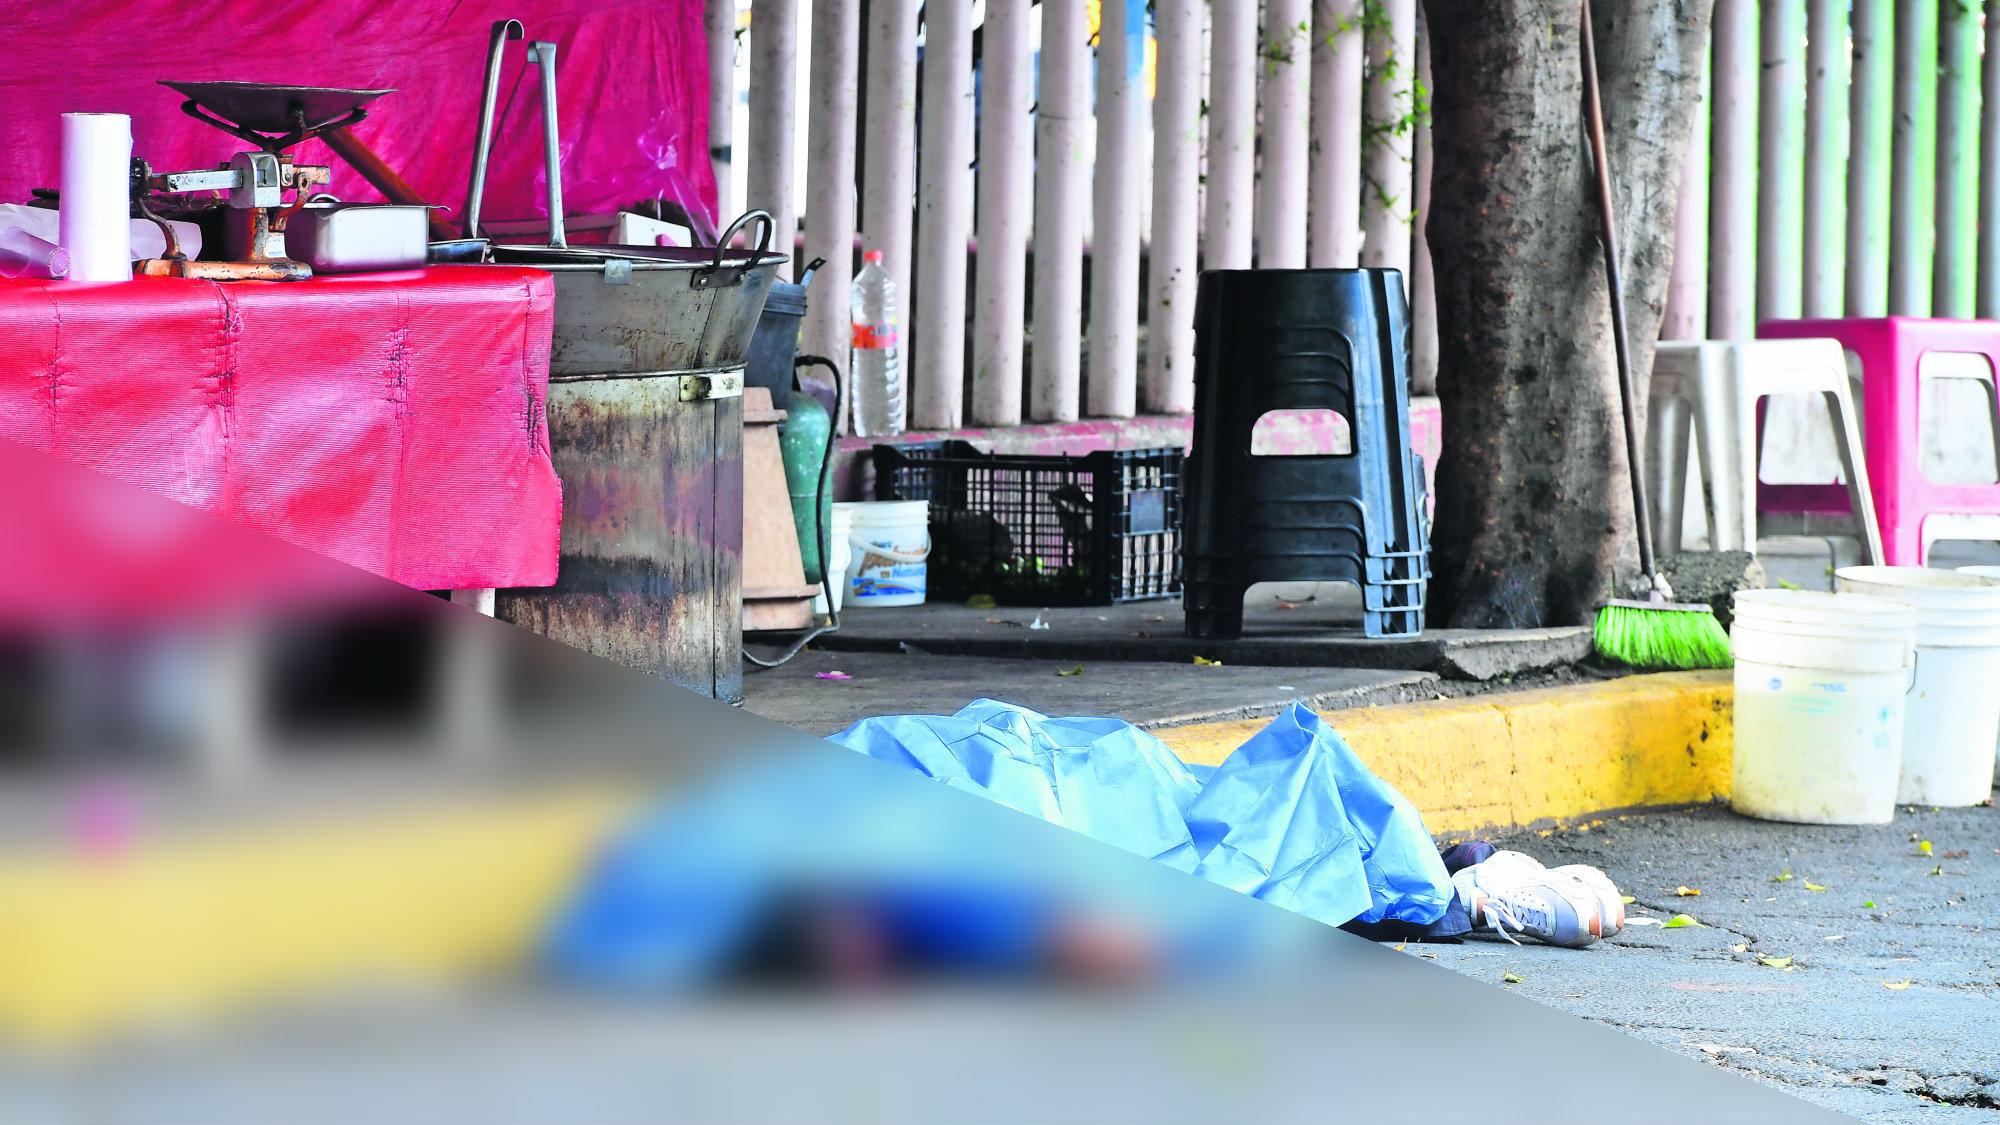 Asesinan a taxista Puesto de tacos Ejecutan a ruletero CDMX Iztapalapa